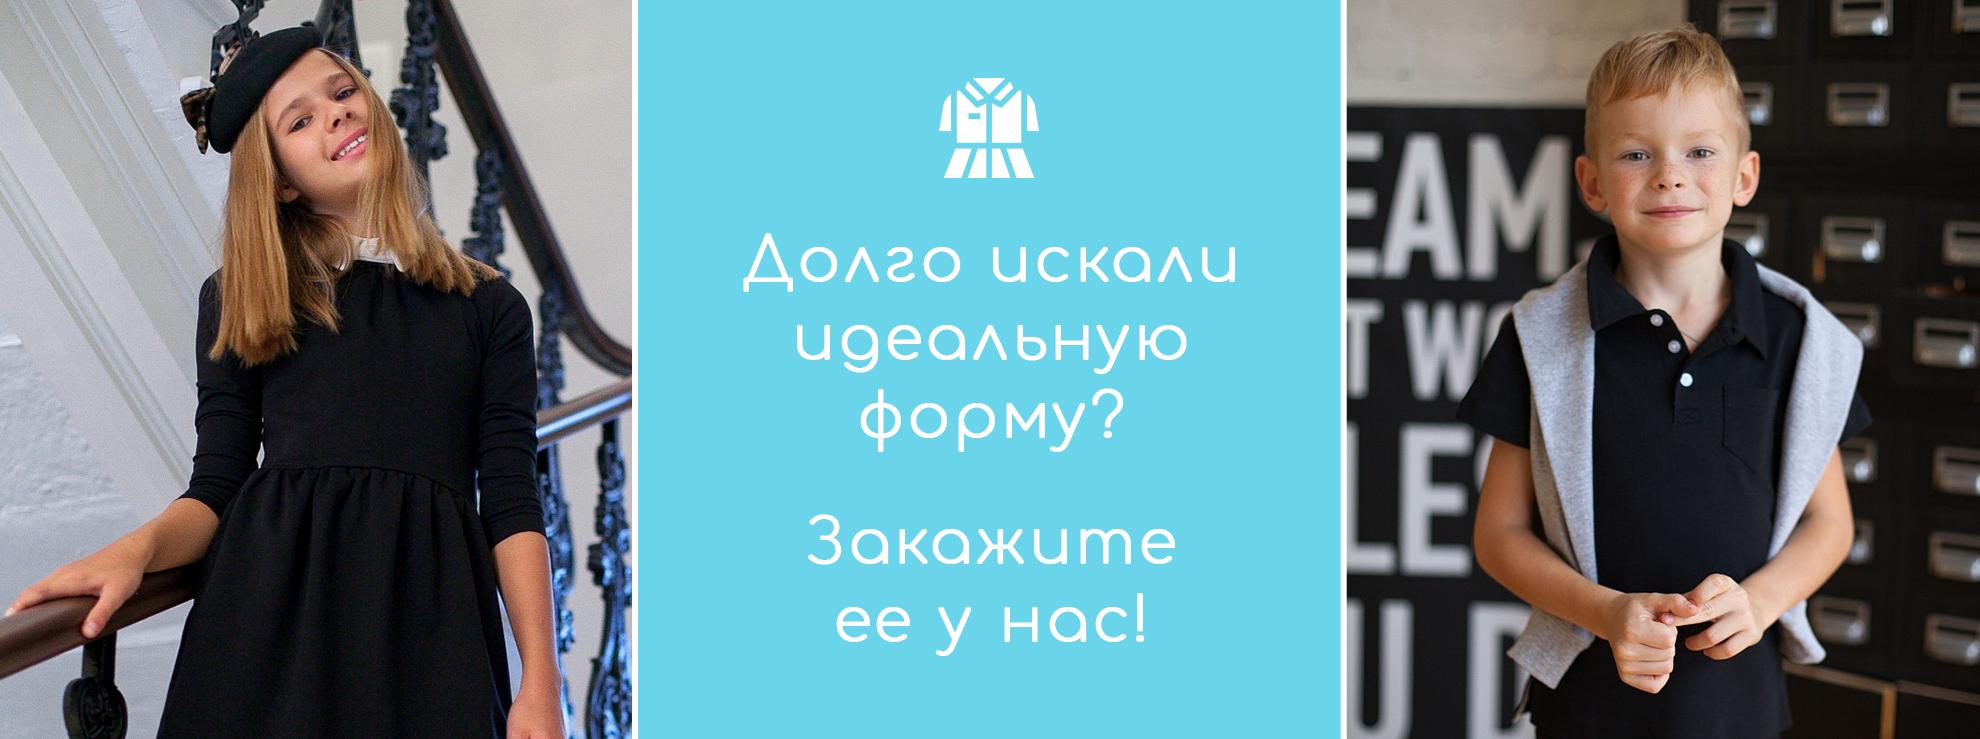 32d87c50a2143 LOLOCLO 👶 - интернет-магазин детских товаров ЛОЛОКЛО